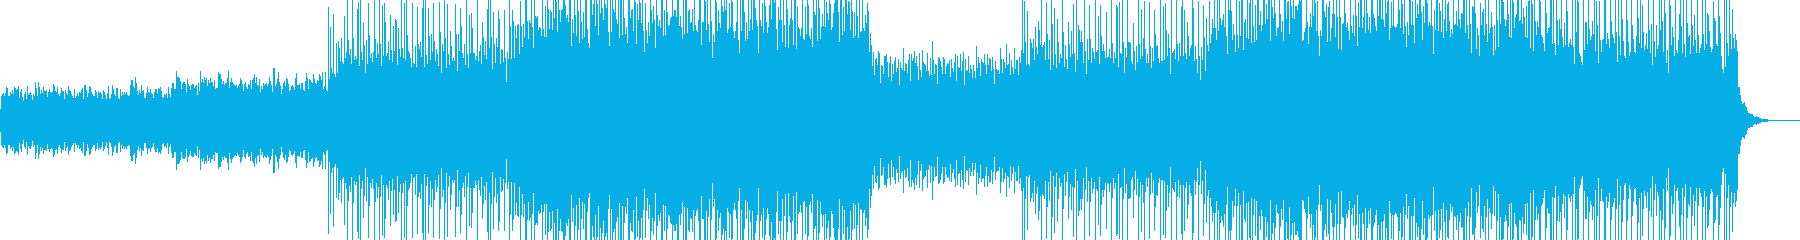 オープニング企業VPイベントブラス-30の再生済みの波形